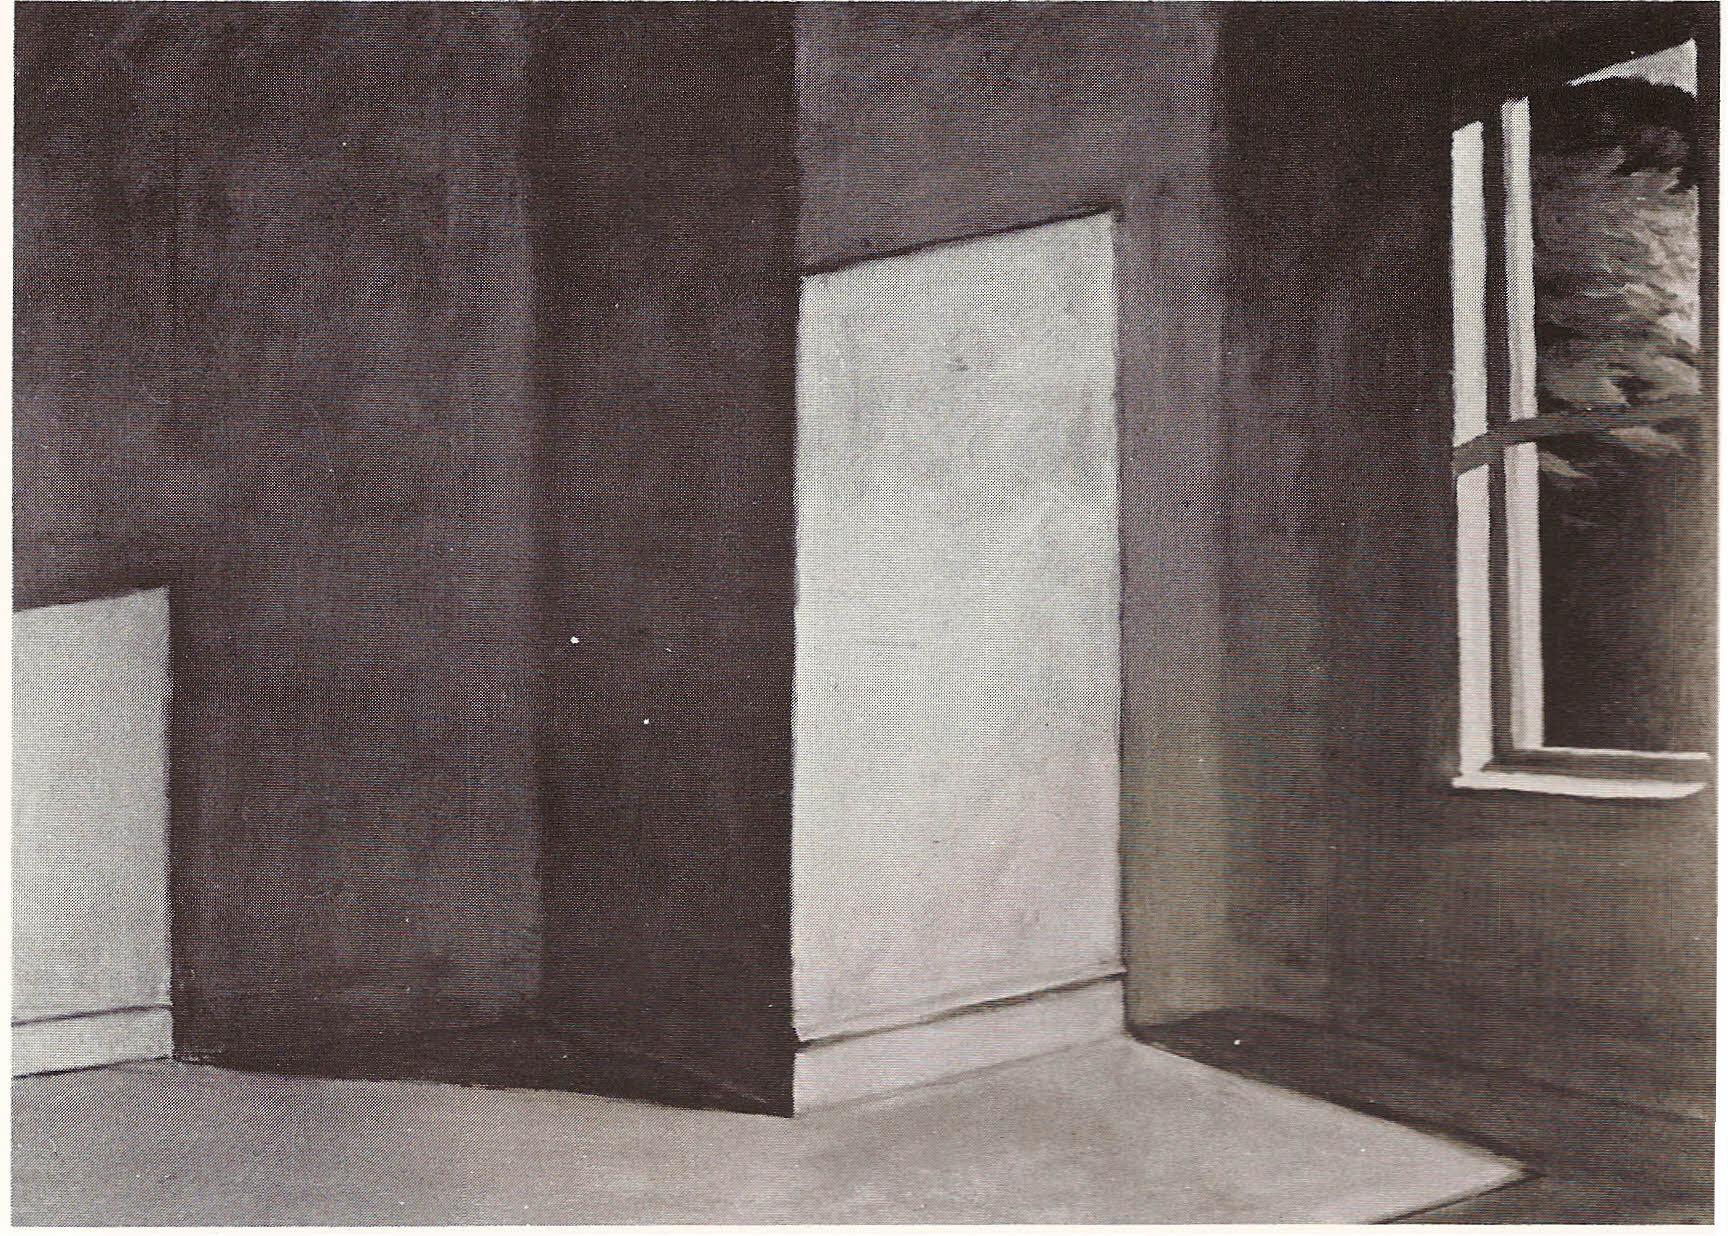 Edward hopper aantekeningen bij zijn schilderijen j bernlef tijdschrift raster - Kamer schilderij ...